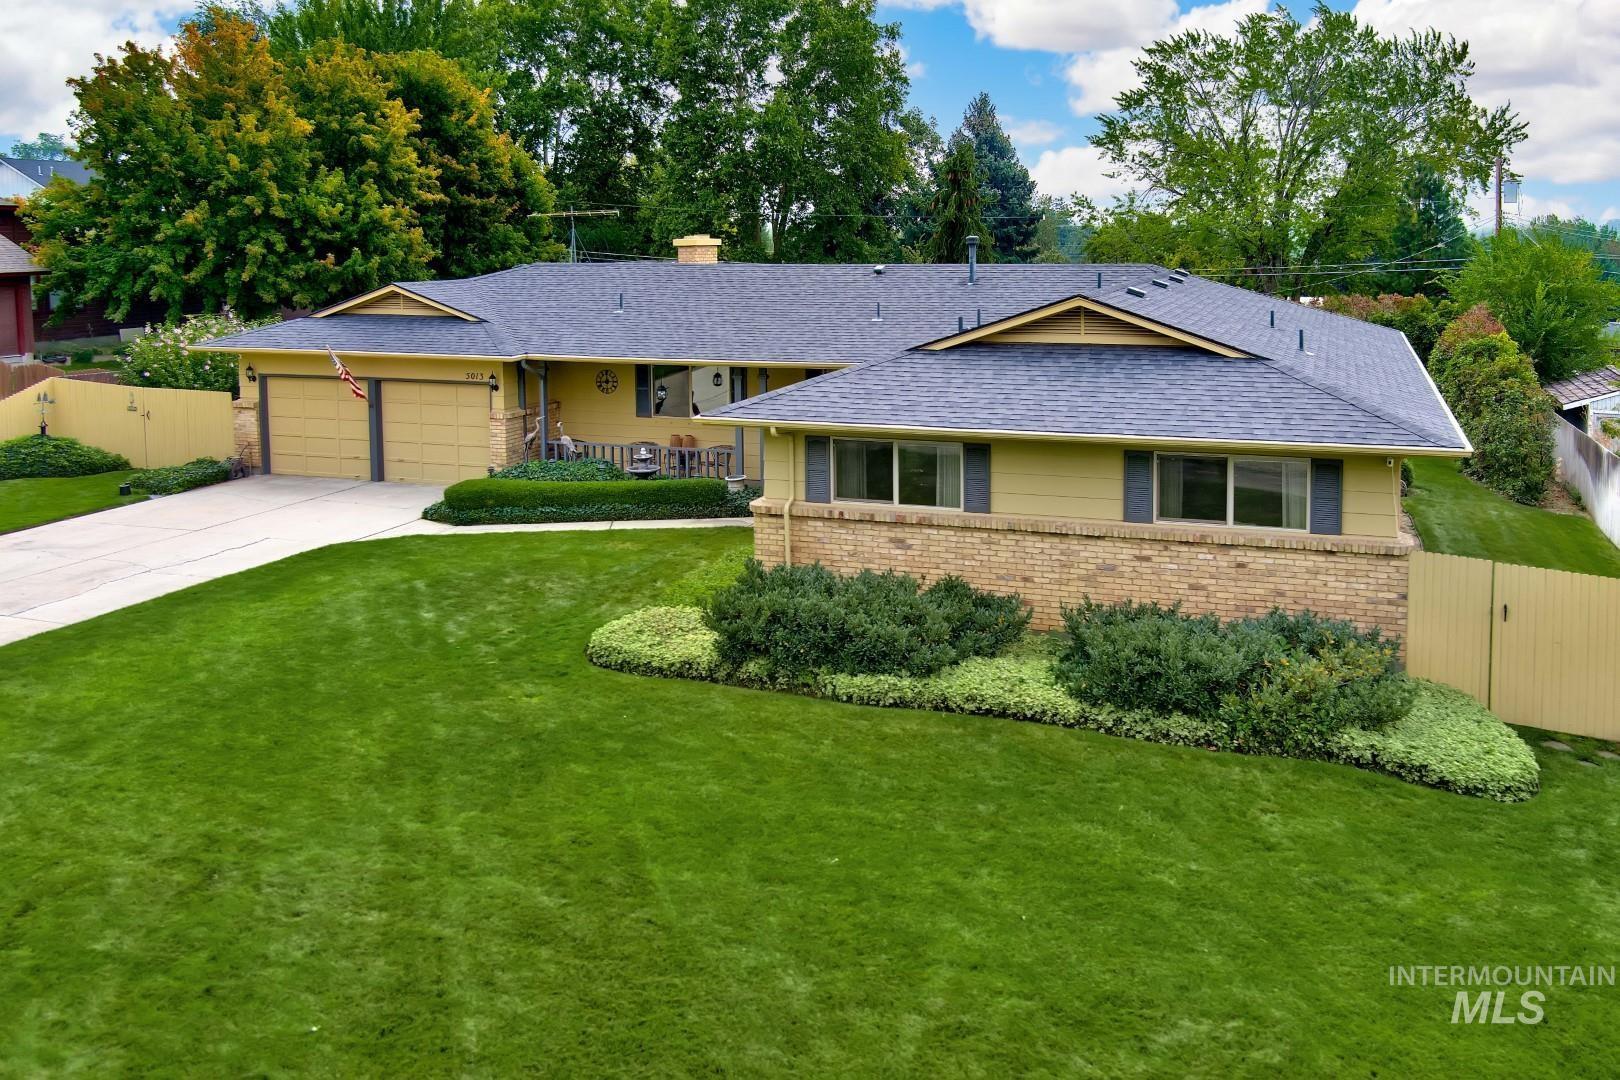 5013 Hillside Ave Property Photo 1